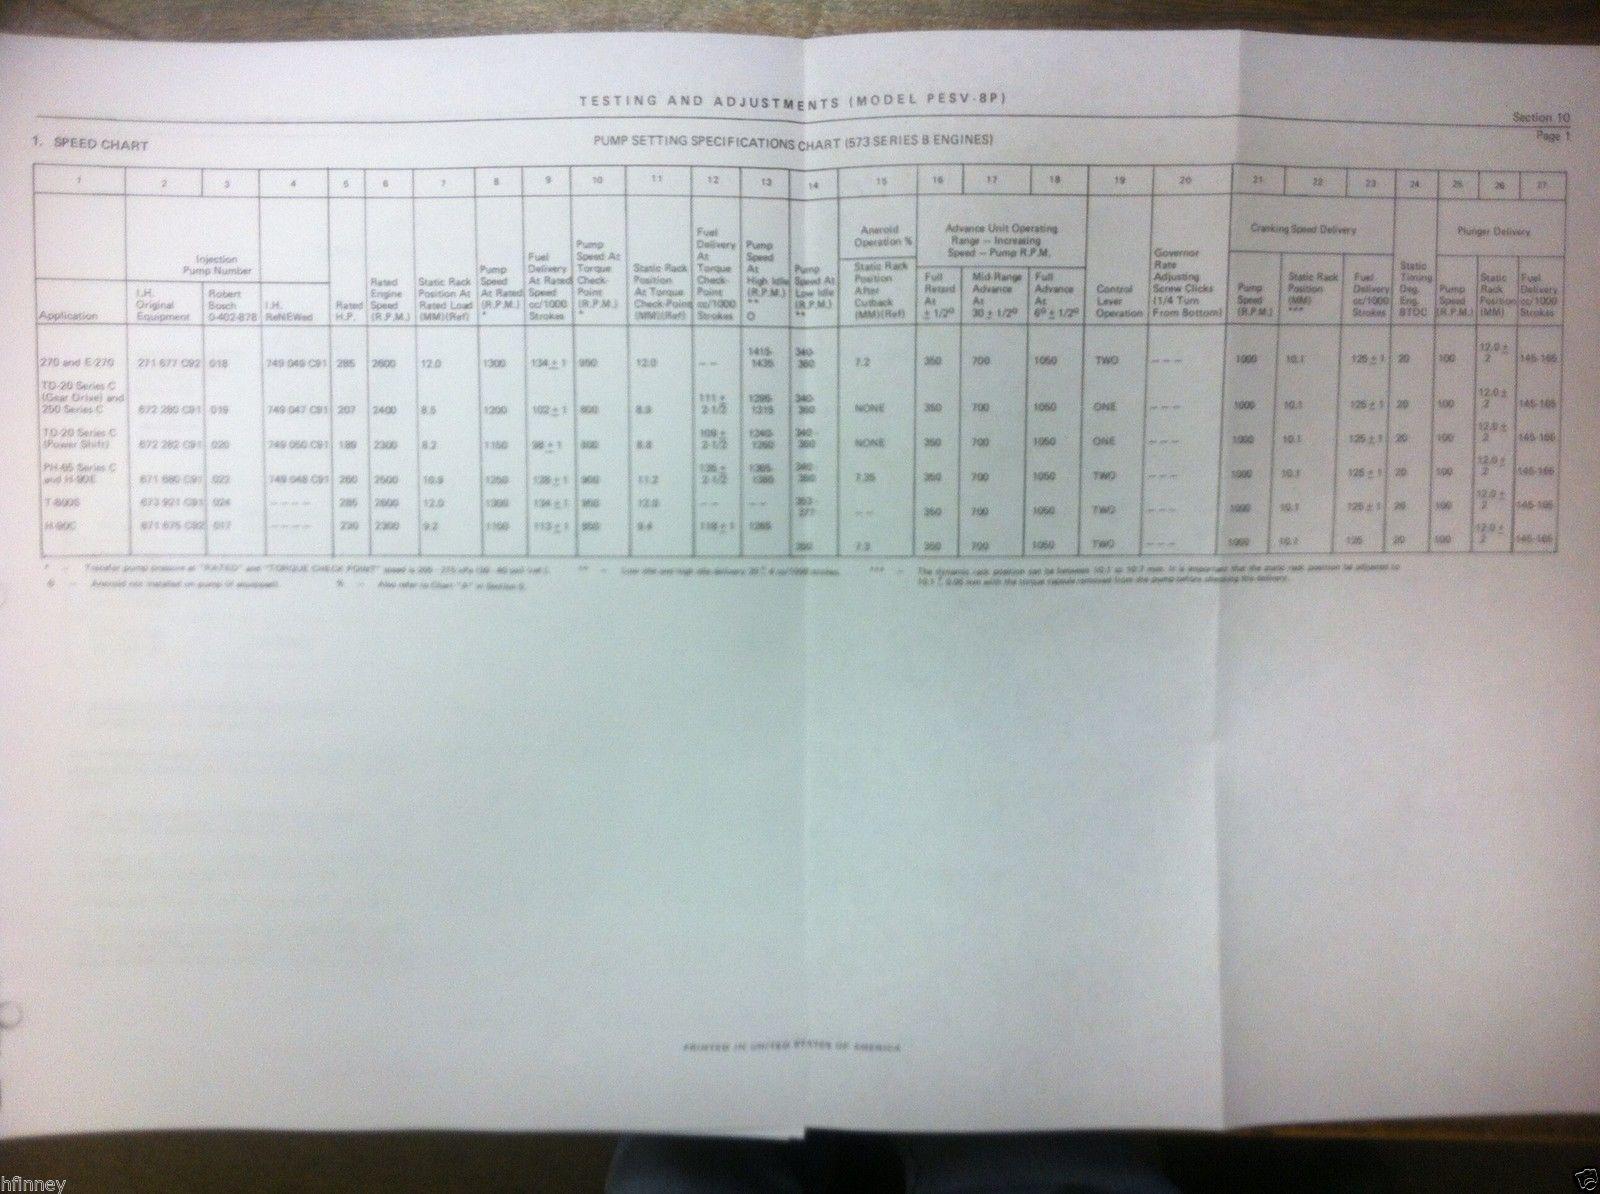 International Dresser TD7E TD8E 100E 125E DT23 ENGINE Service Manual Bosch  Pump